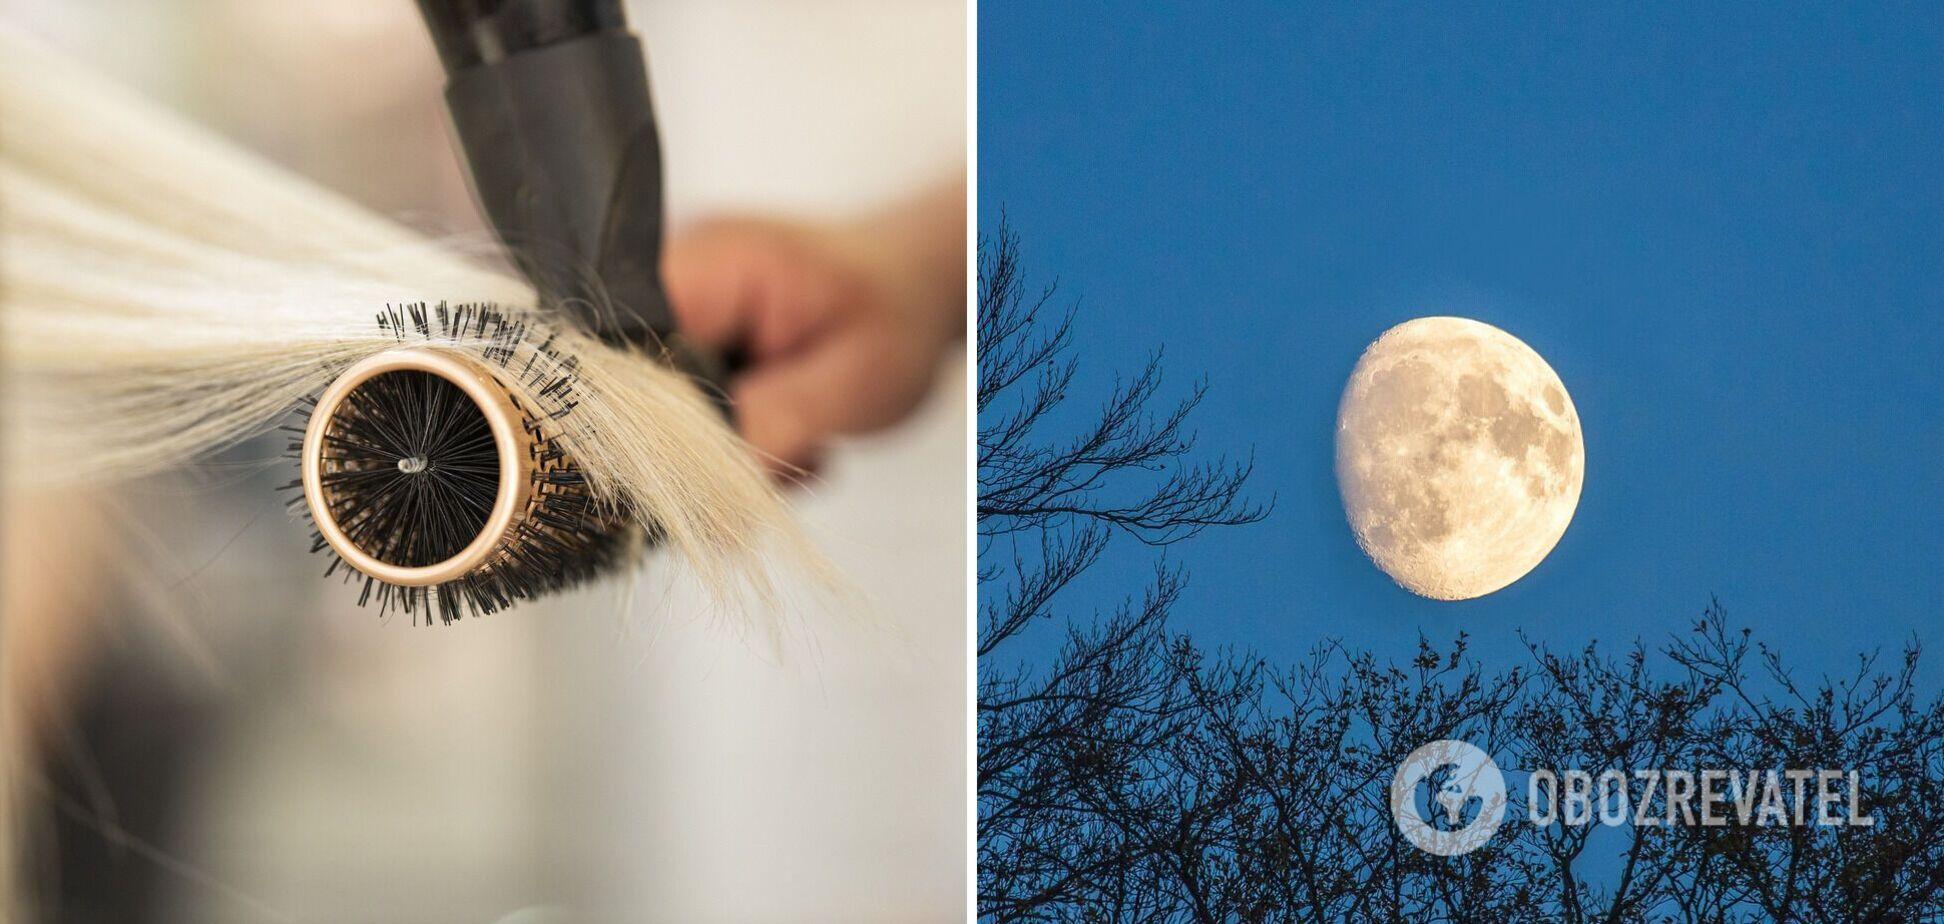 Астрологи рекомендують підбирати дату стрижки з урахуванням місячного календаря